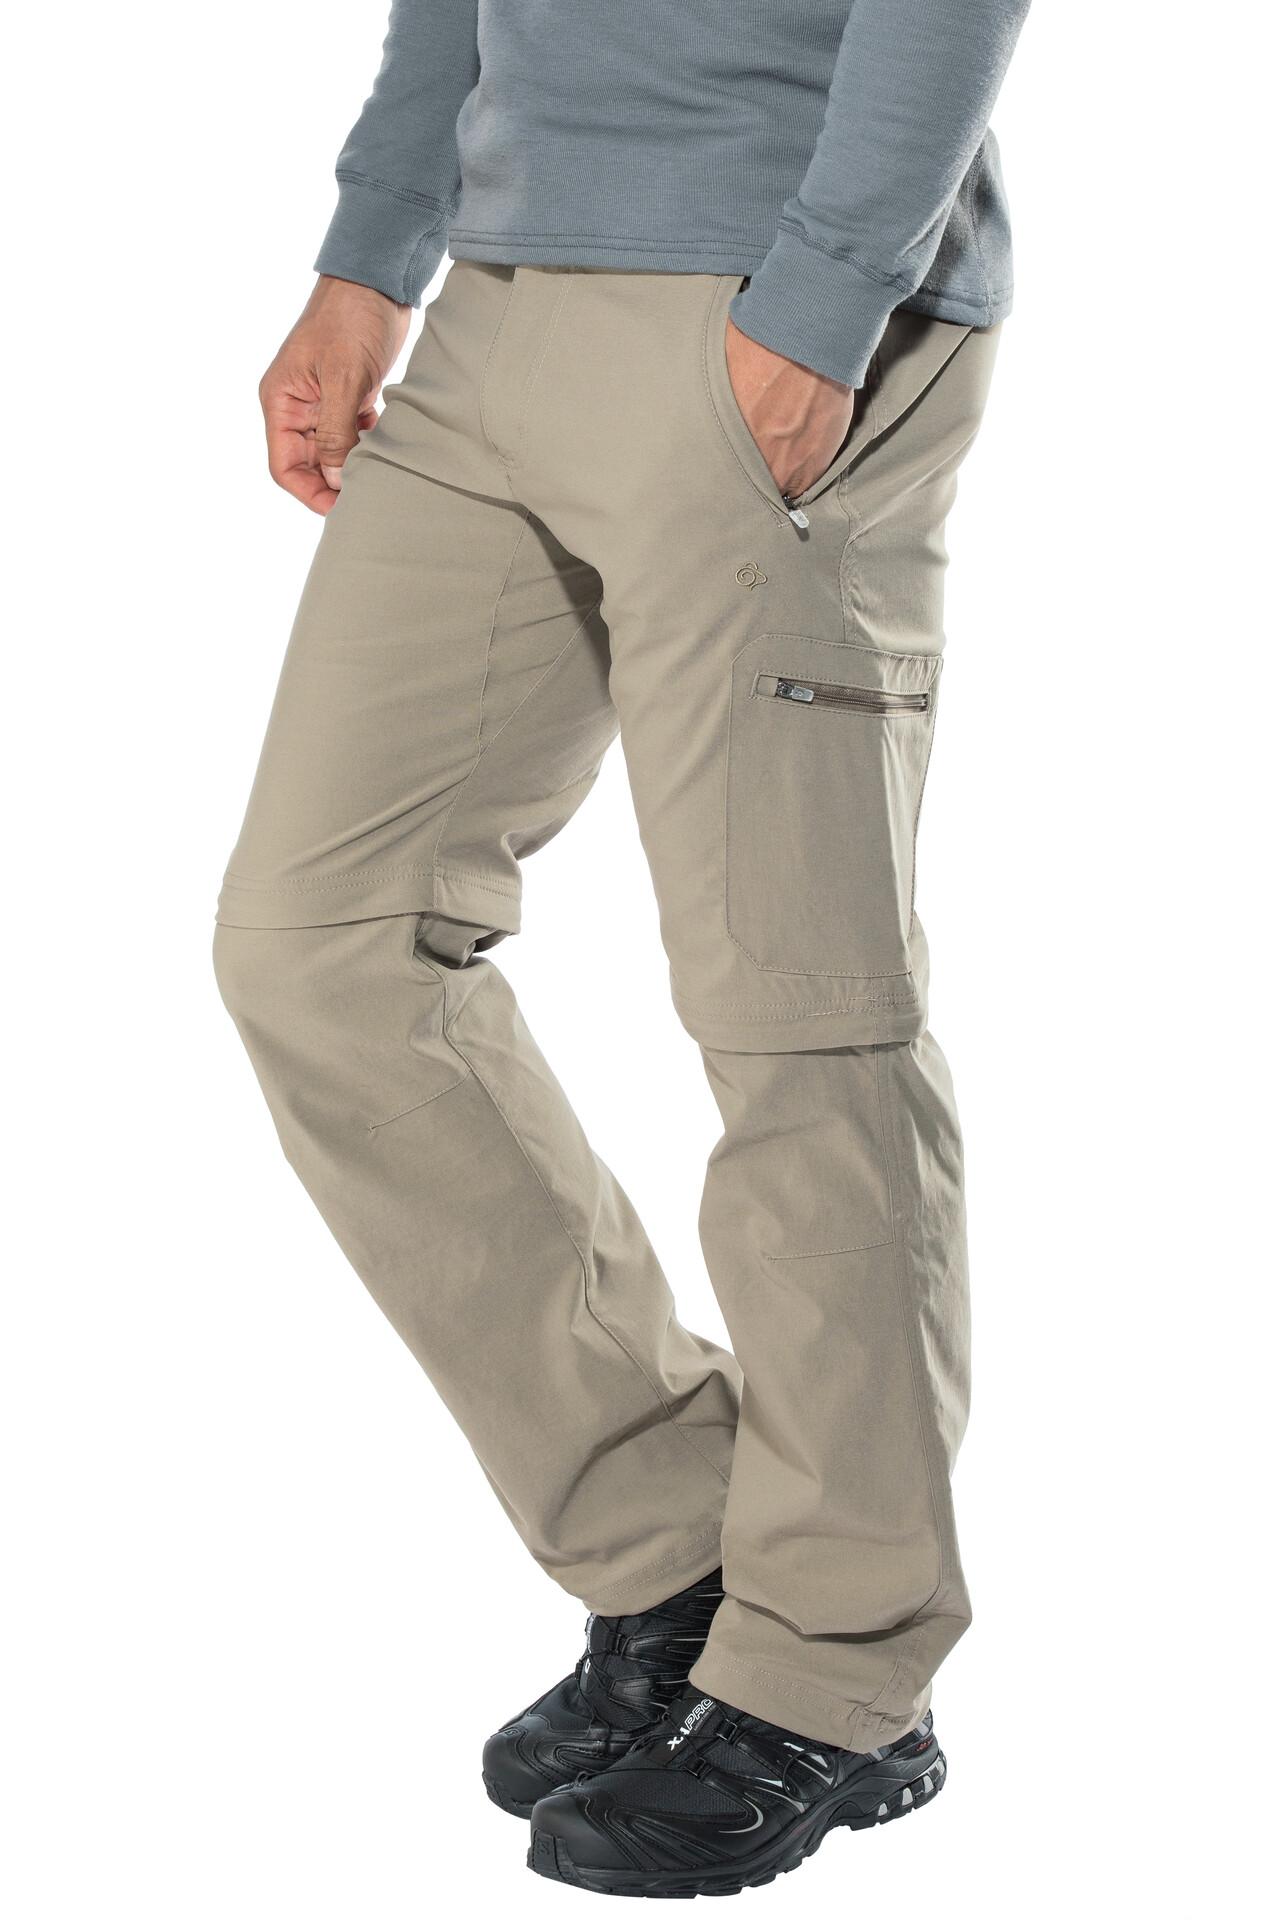 Craghoppers Pro Nosilife De Hombre Convertible Beige Pantalones Trekking ffAq6T